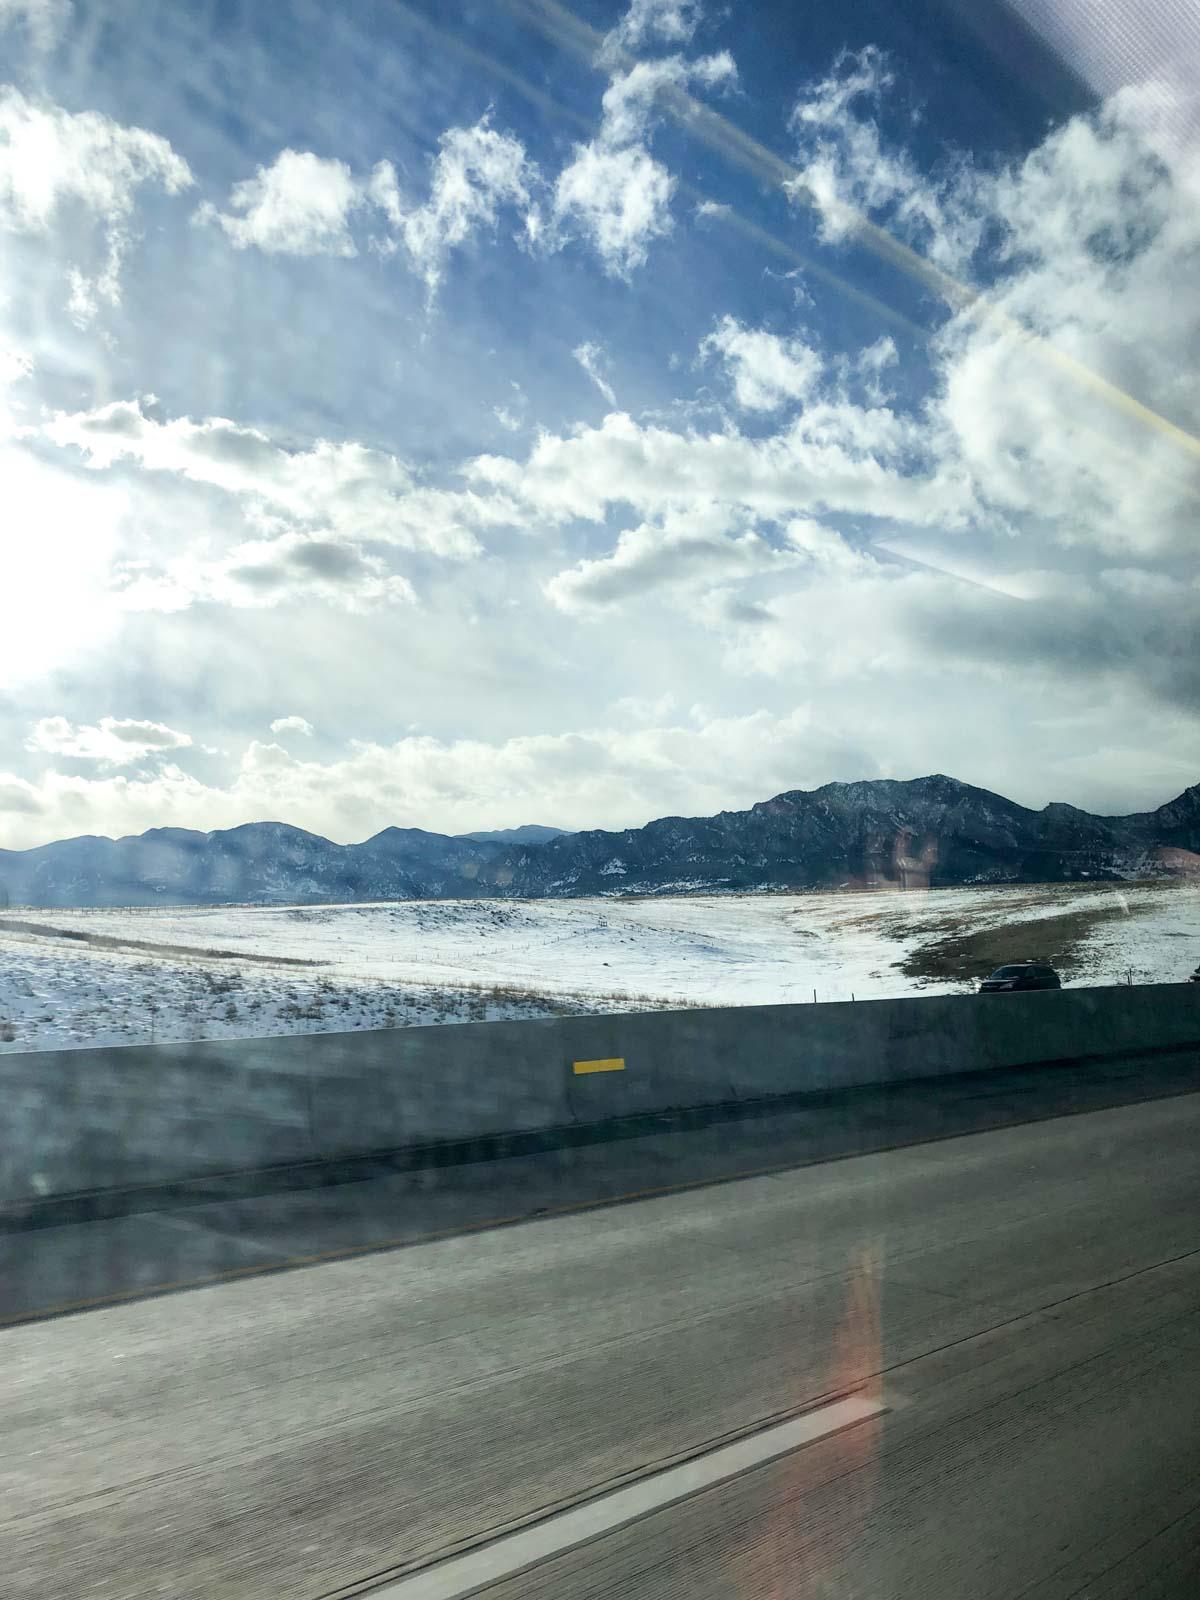 view from the bus near Denver Colorado